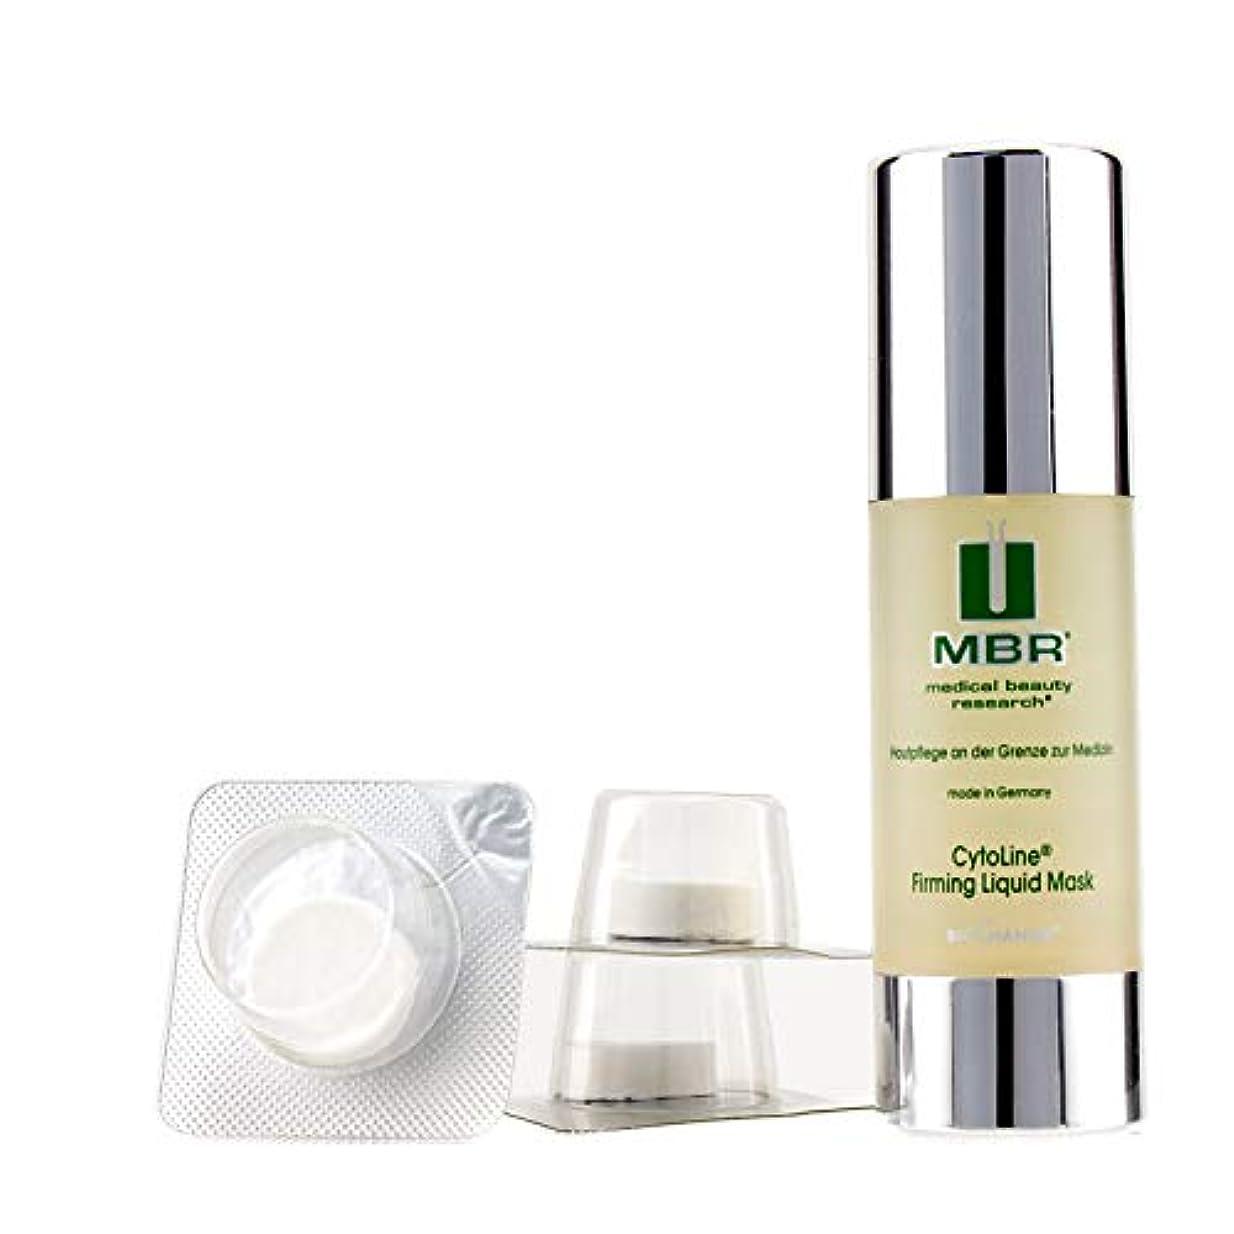 登る談話側MBR Medical Beauty Research BioChange CytoLine Firming Liquid Mask 6applications並行輸入品